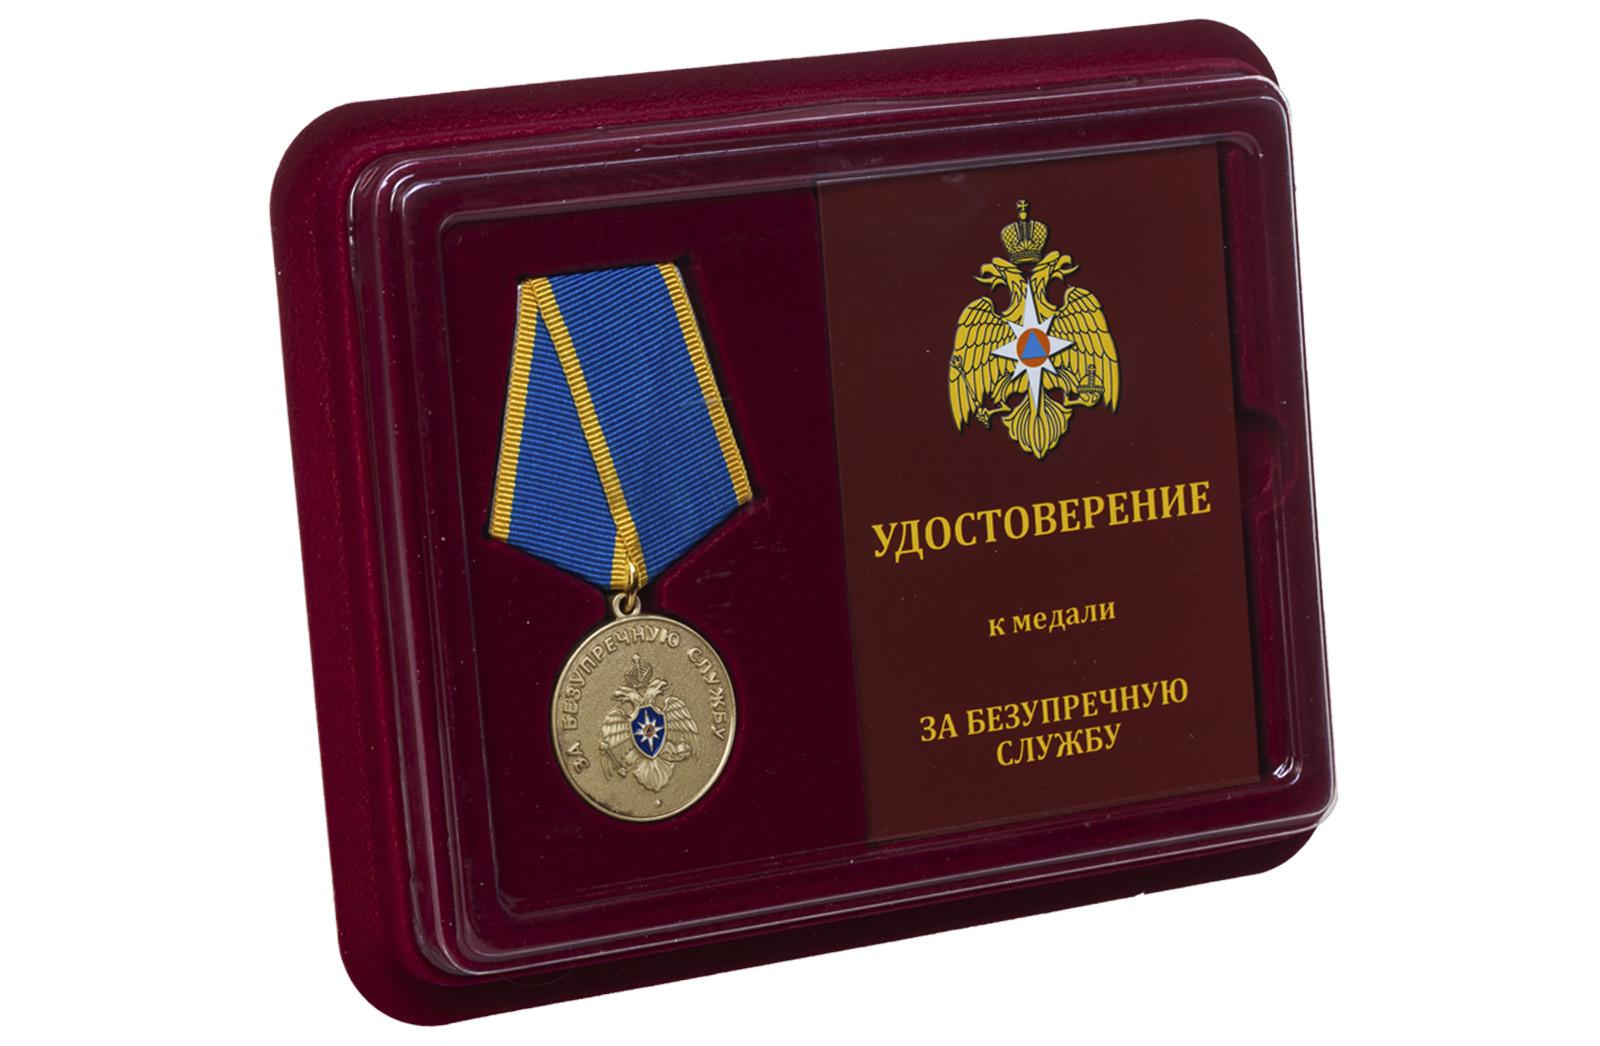 Купить медаль МЧС За безупречную службу оптом или в розницу